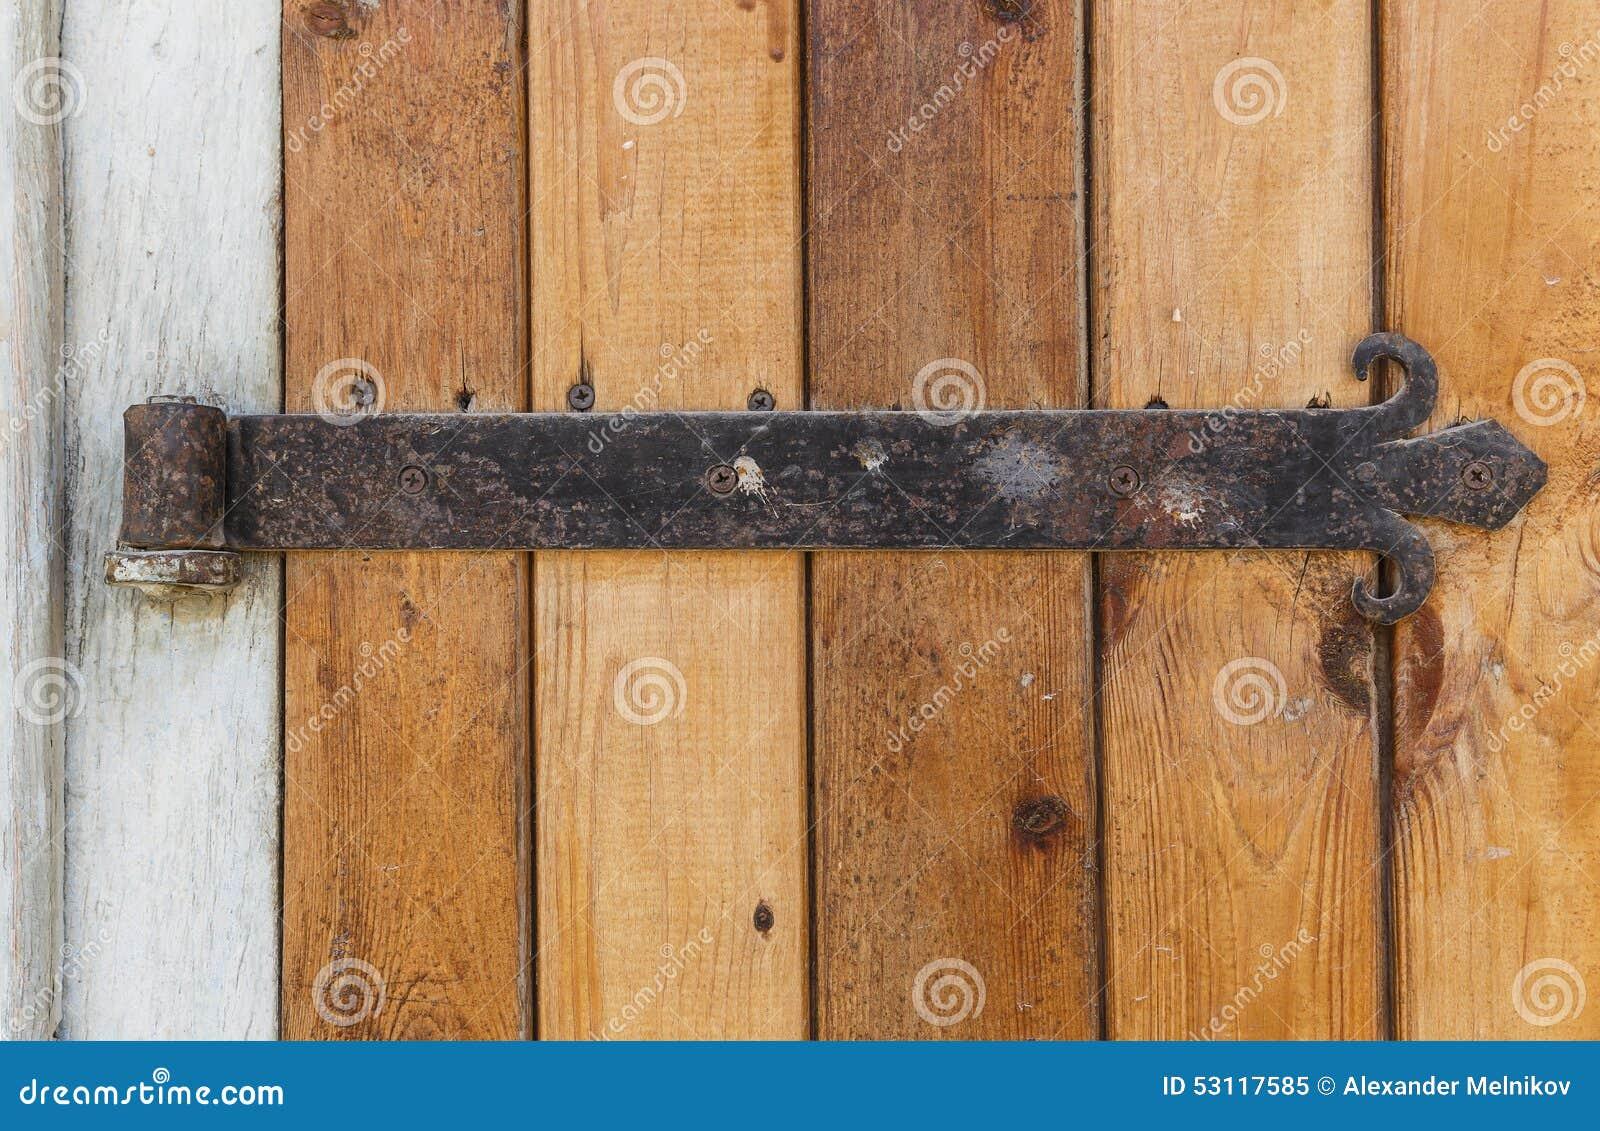 vieille porte en bois avec de vieilles charni res de porte. Black Bedroom Furniture Sets. Home Design Ideas